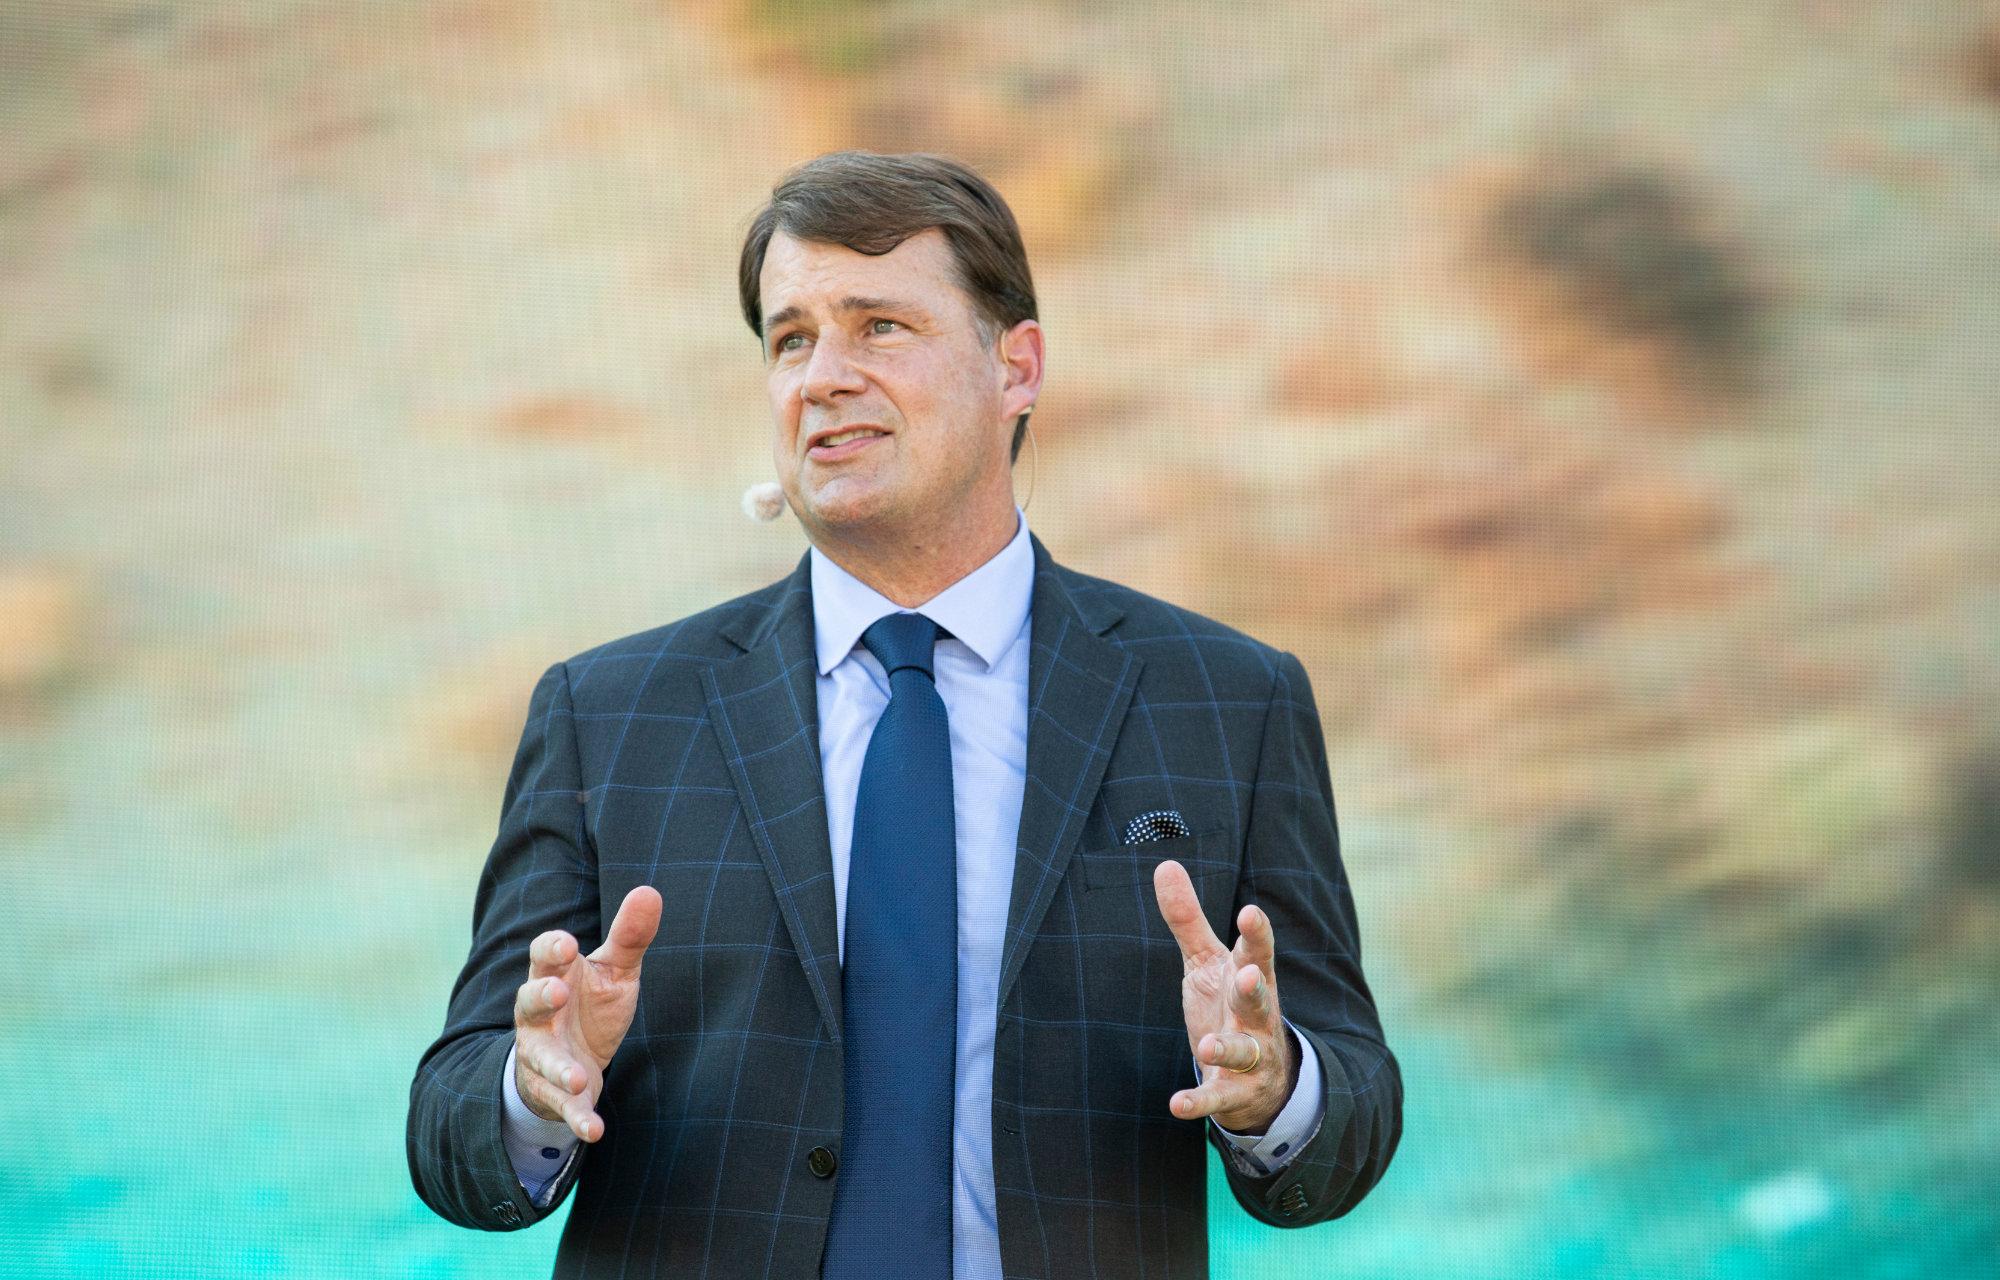 Jim Farley, a Ford elnök-vezérigazgató